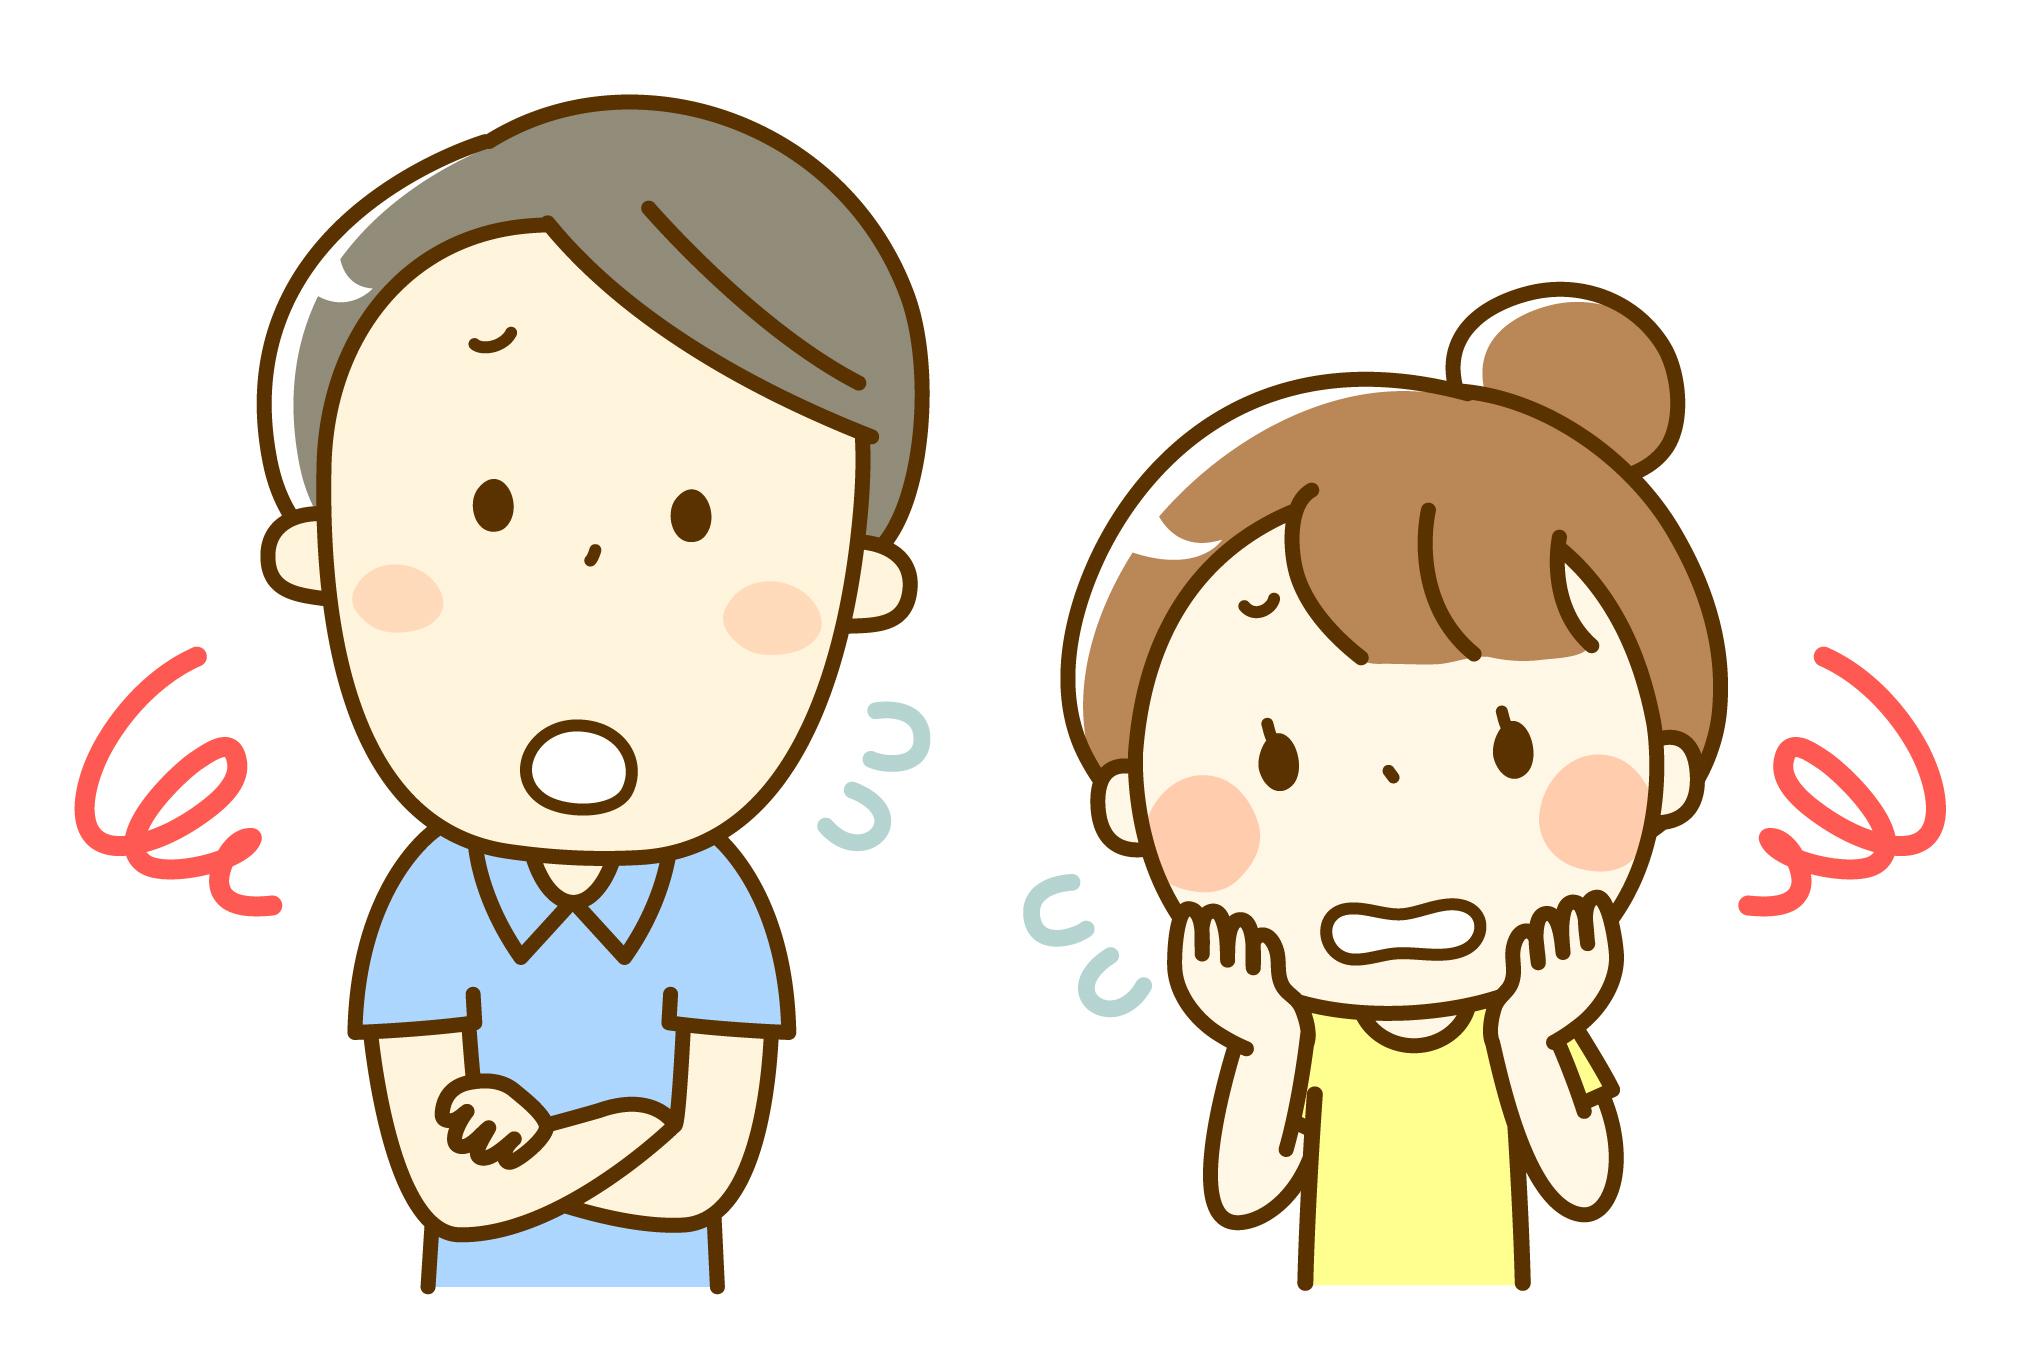 子供のかんしゃくなど親を困らせる行動への対処法|子どもの勘違いを解き明かす!